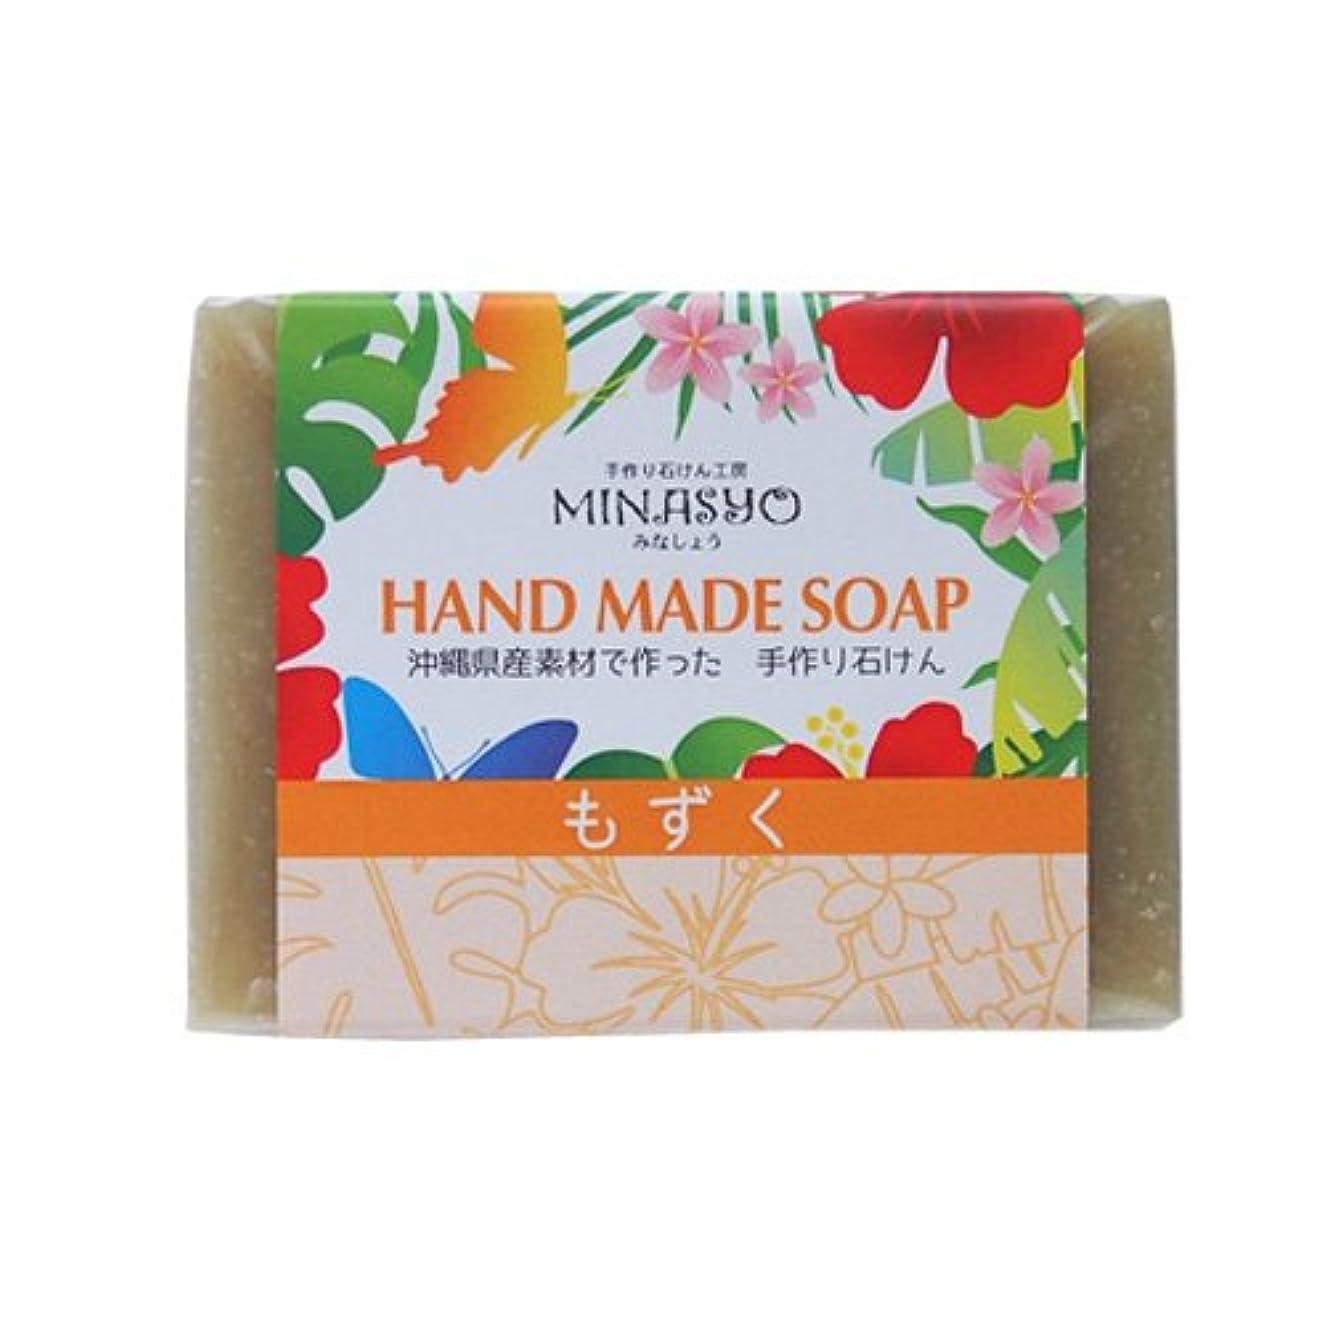 スクリュー予定修正洗顔石鹸 固形 無添加 保湿 敏感肌 乾燥肌 手作りもずく石鹸